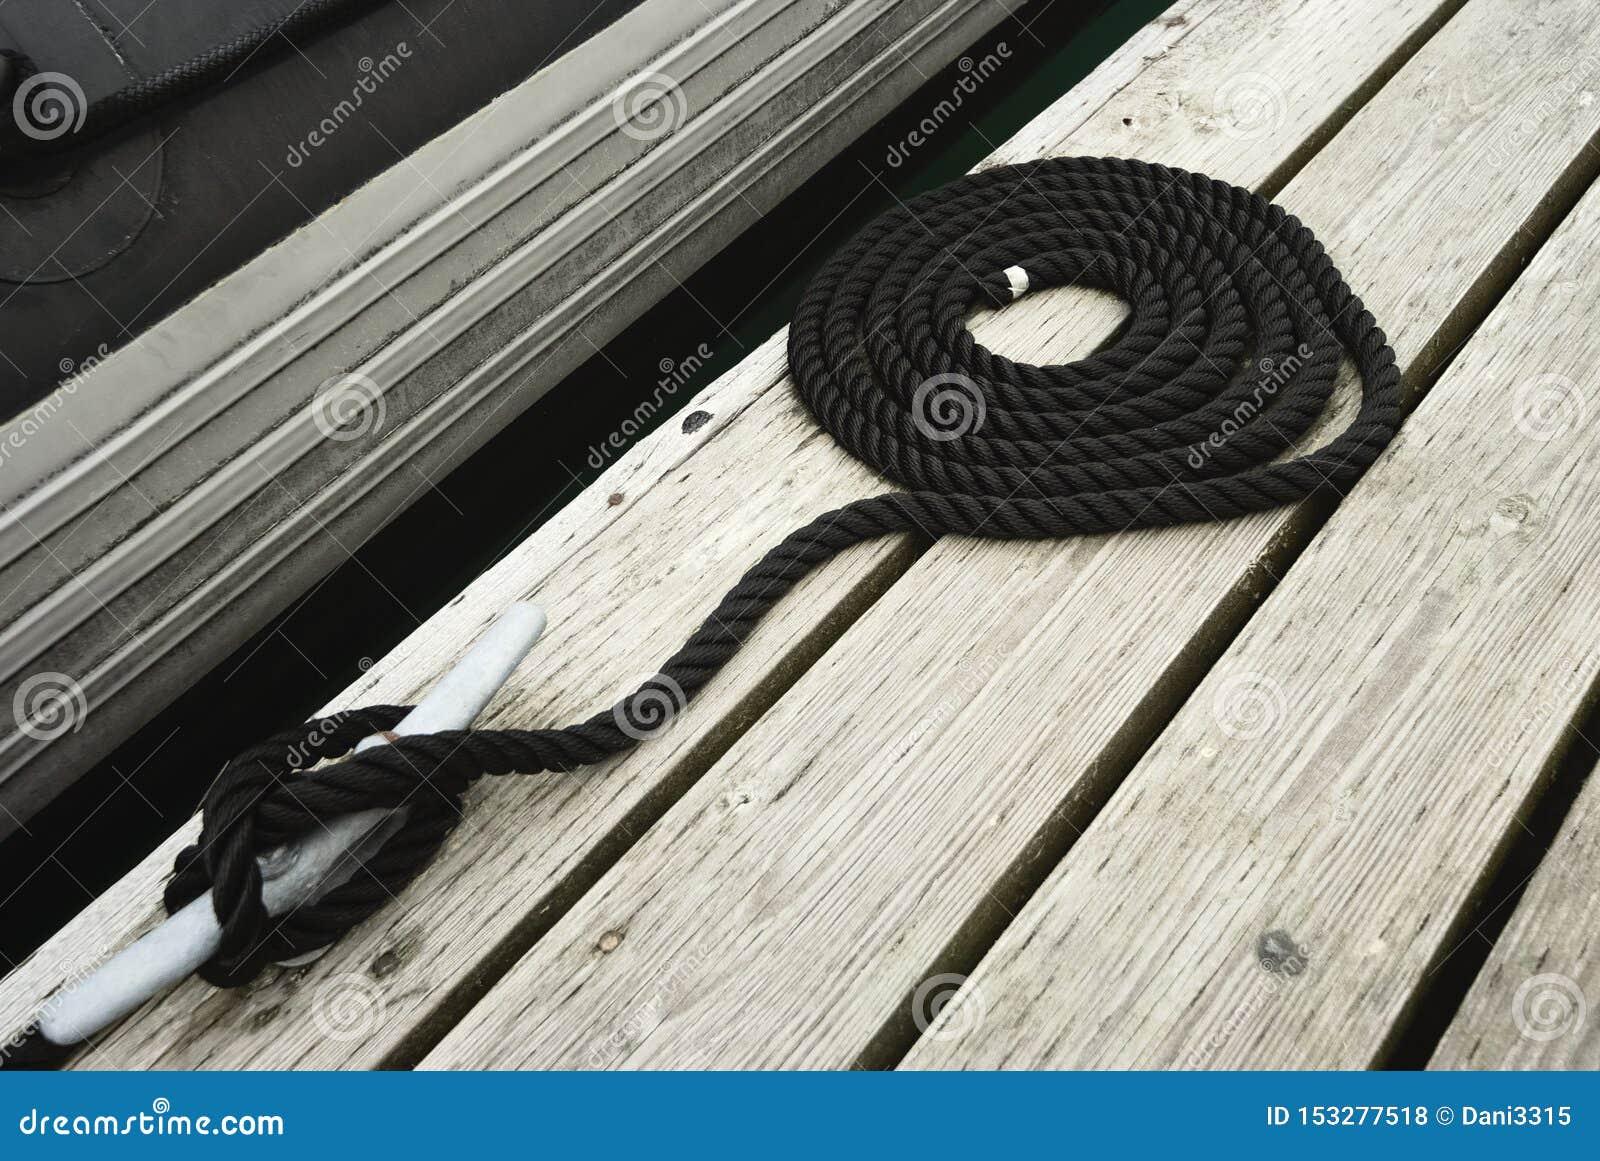 Το μαύρο στροβιλισμένο δένοντας σχοινί ενέπλεξε σε ένα Bitt εξασφαλίζοντας τη βάρκα στο λιμενοβραχίονα